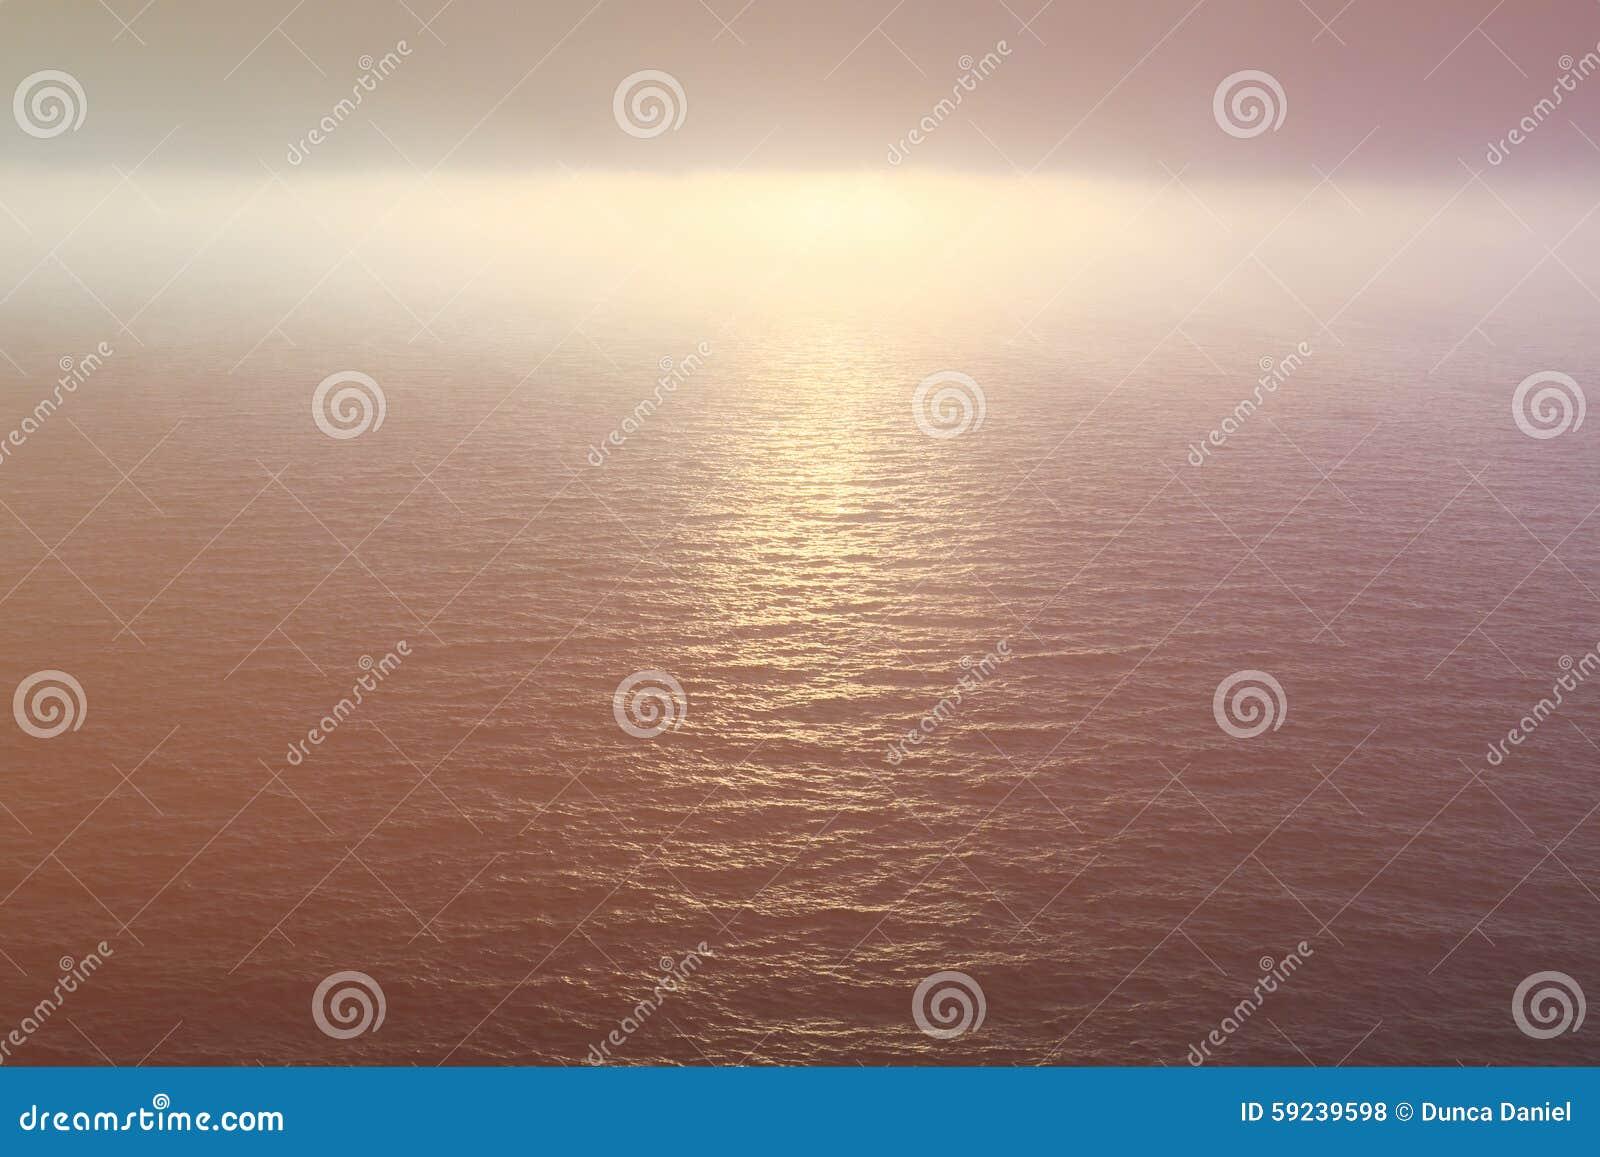 Download Agua Del Océano Y Cielo De Niebla En La Puesta Del Sol Foto de archivo - Imagen de crepúsculo, extracto: 59239598